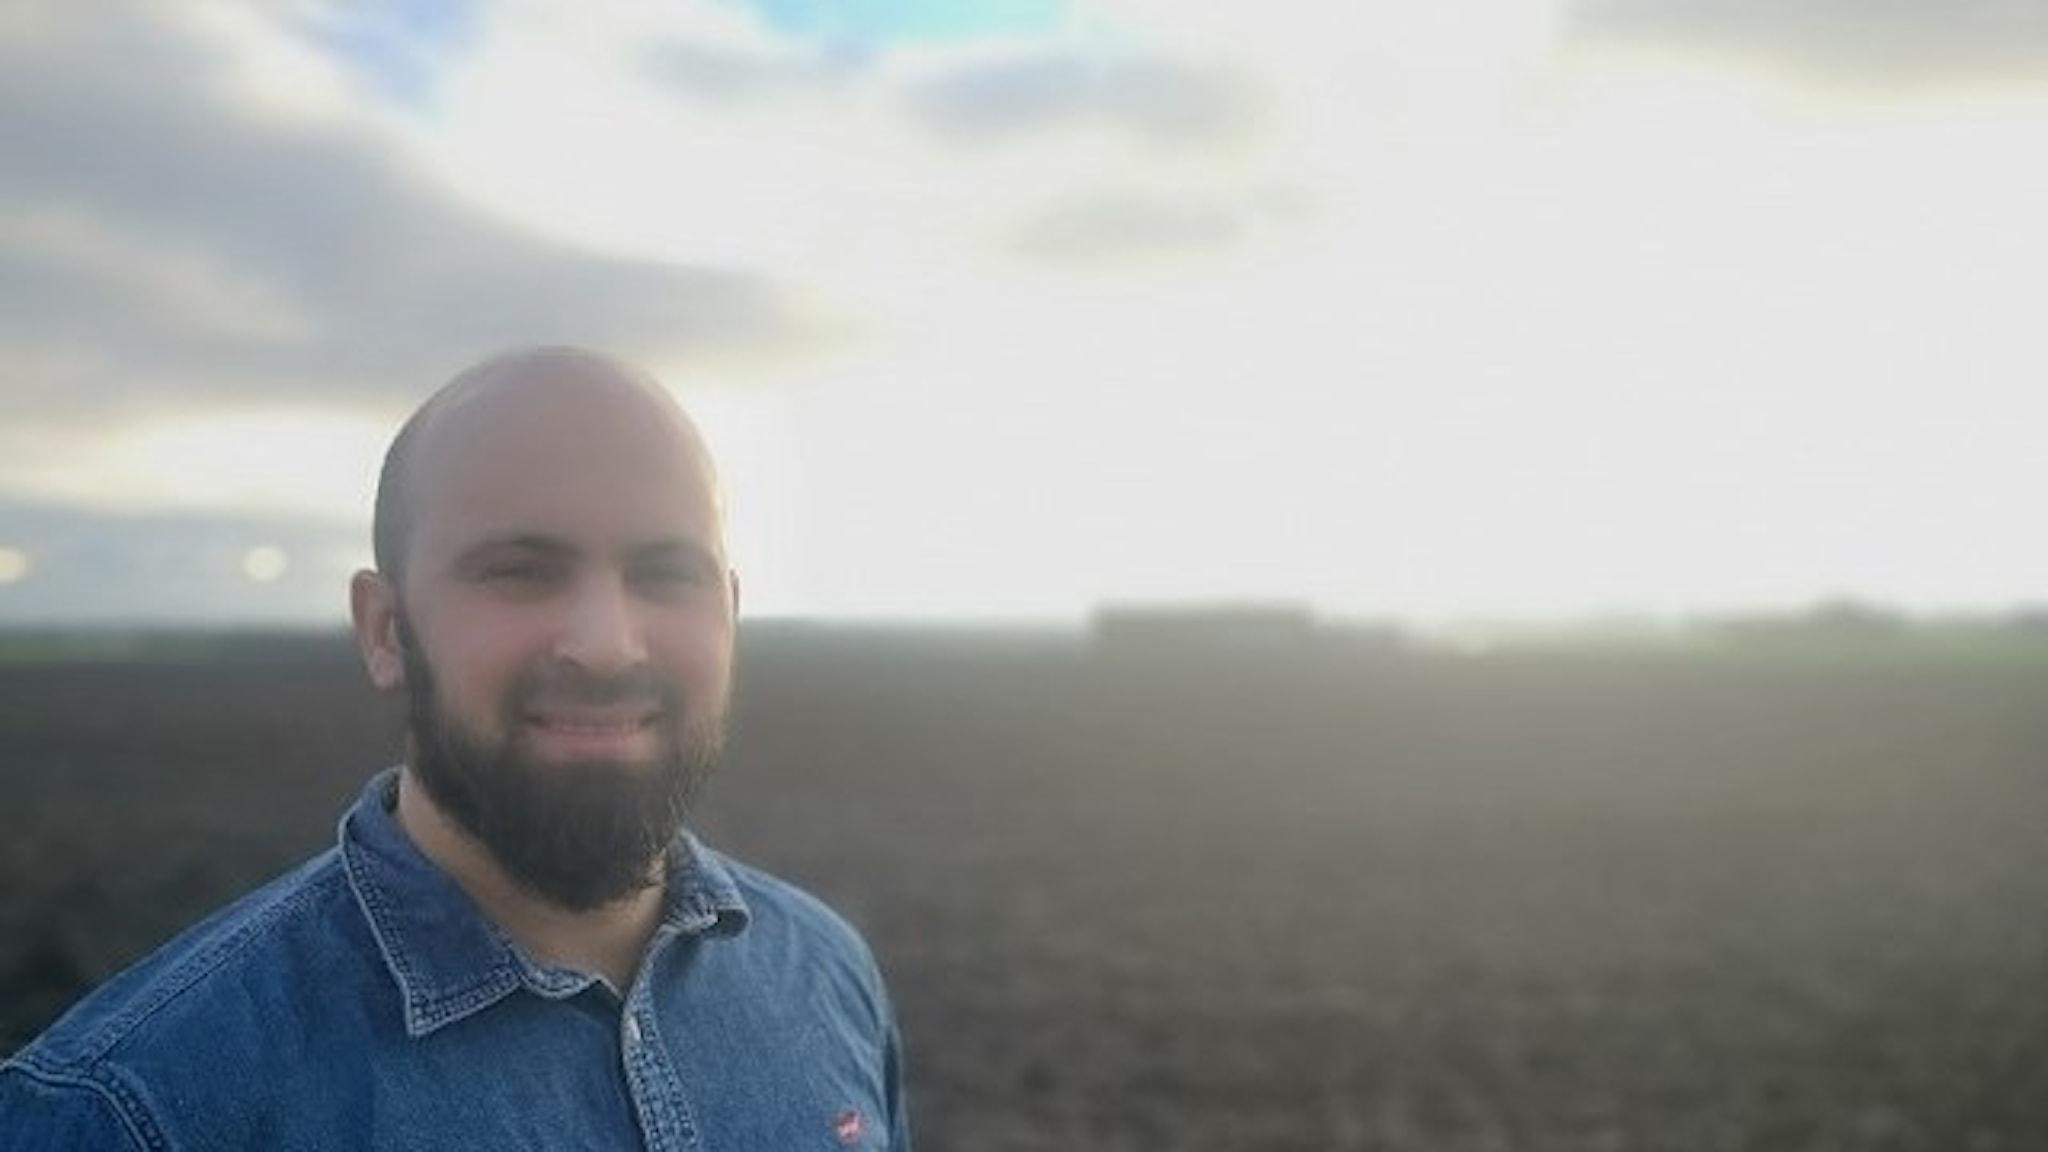 En man med skägg står med mark och himmel bakom sig